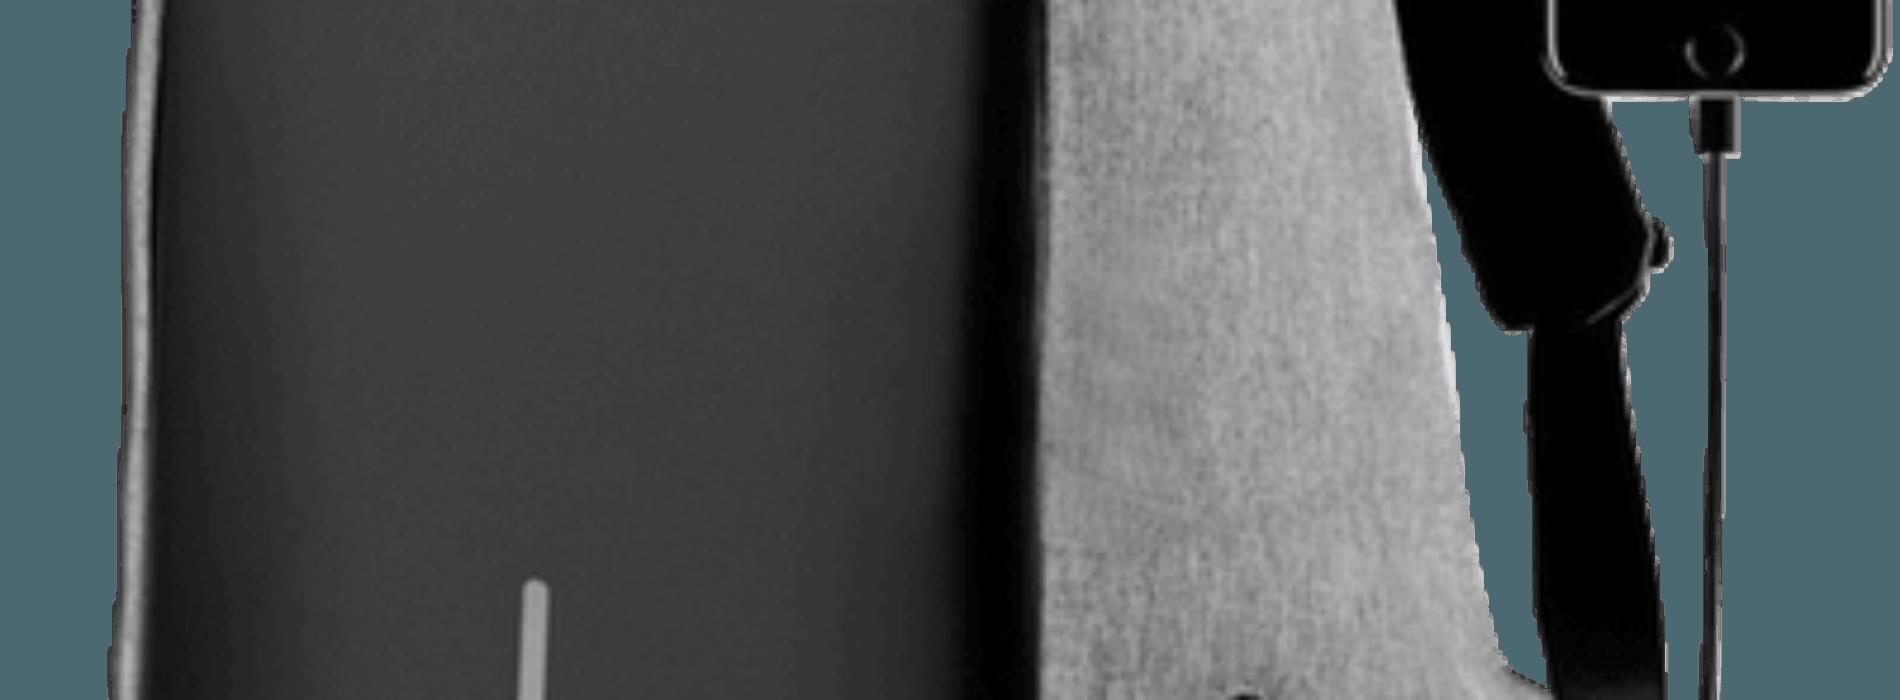 Mochila antirrobo para portátiles